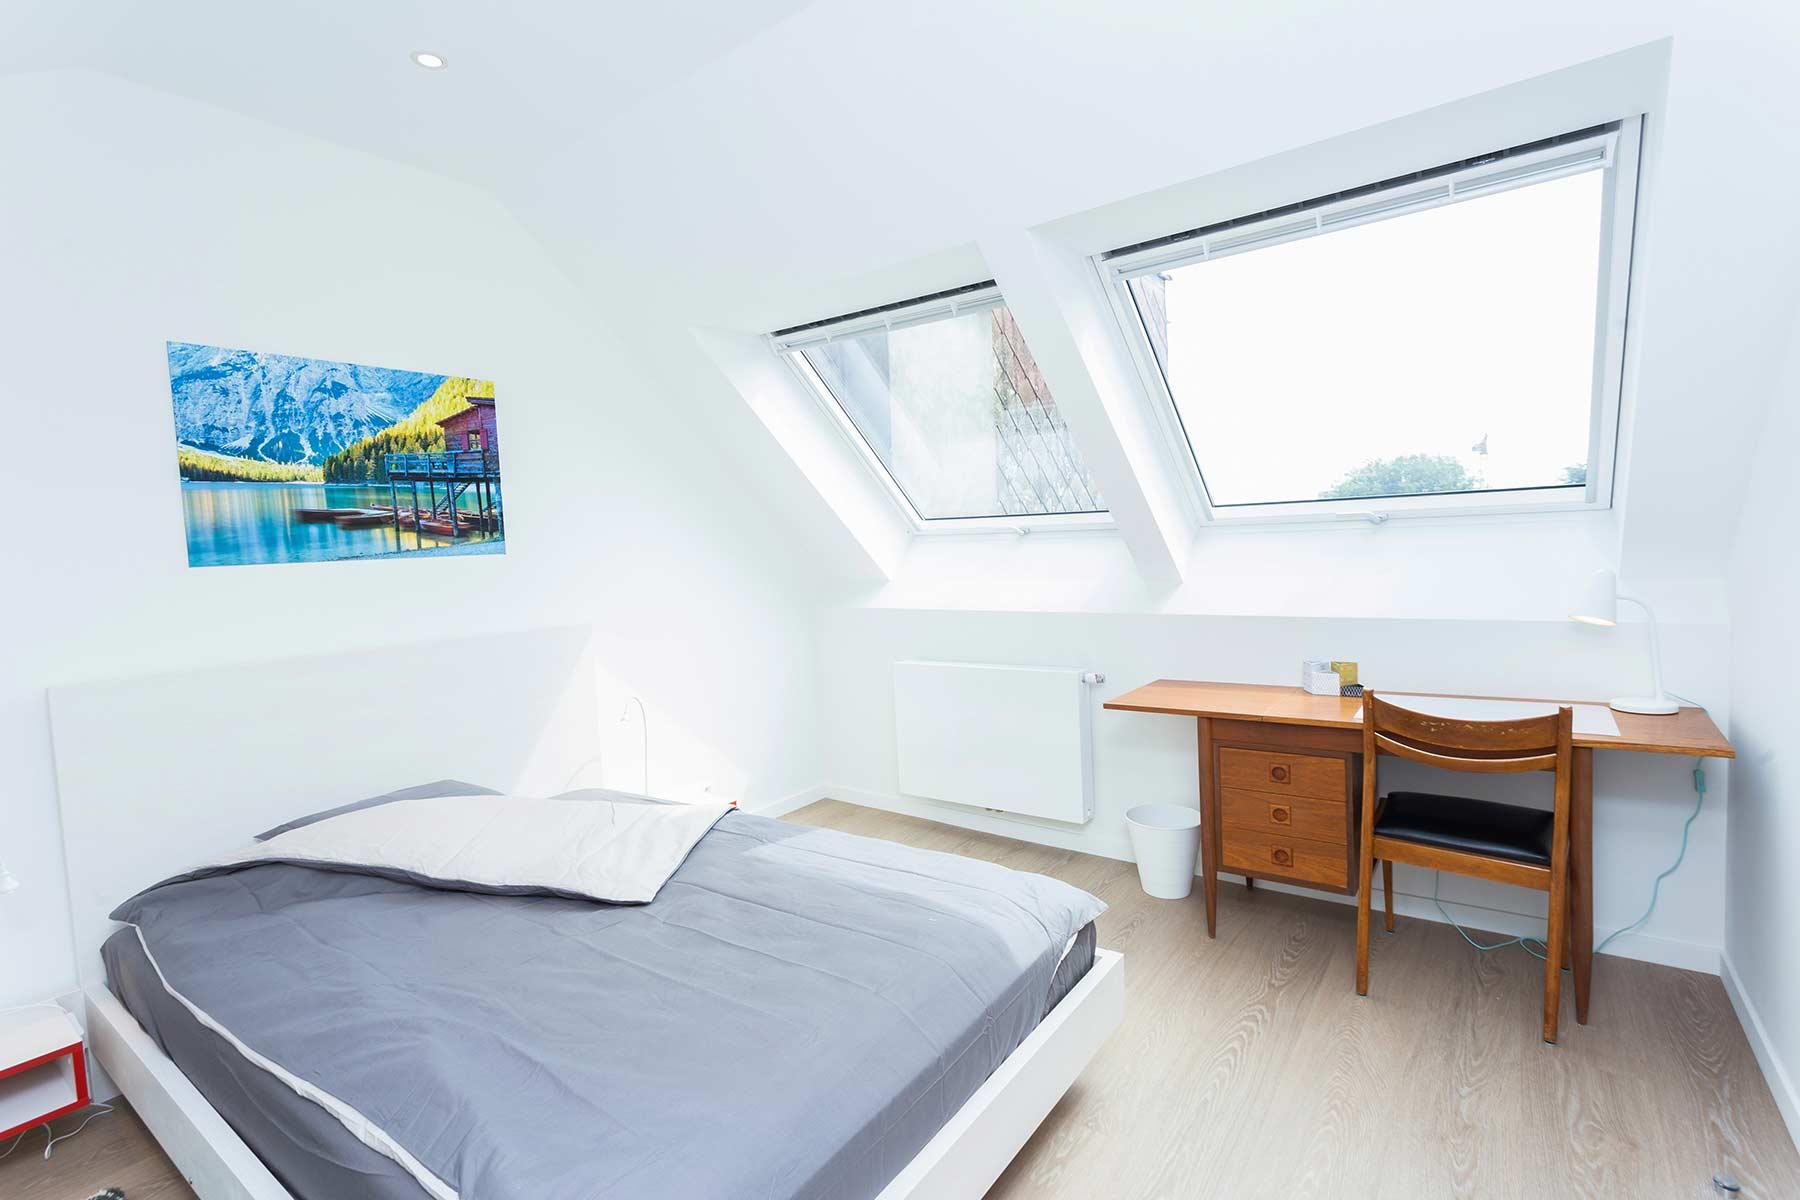 bureau chambre meublée 1 personne 3eme étage maison Roomy Bruxelles